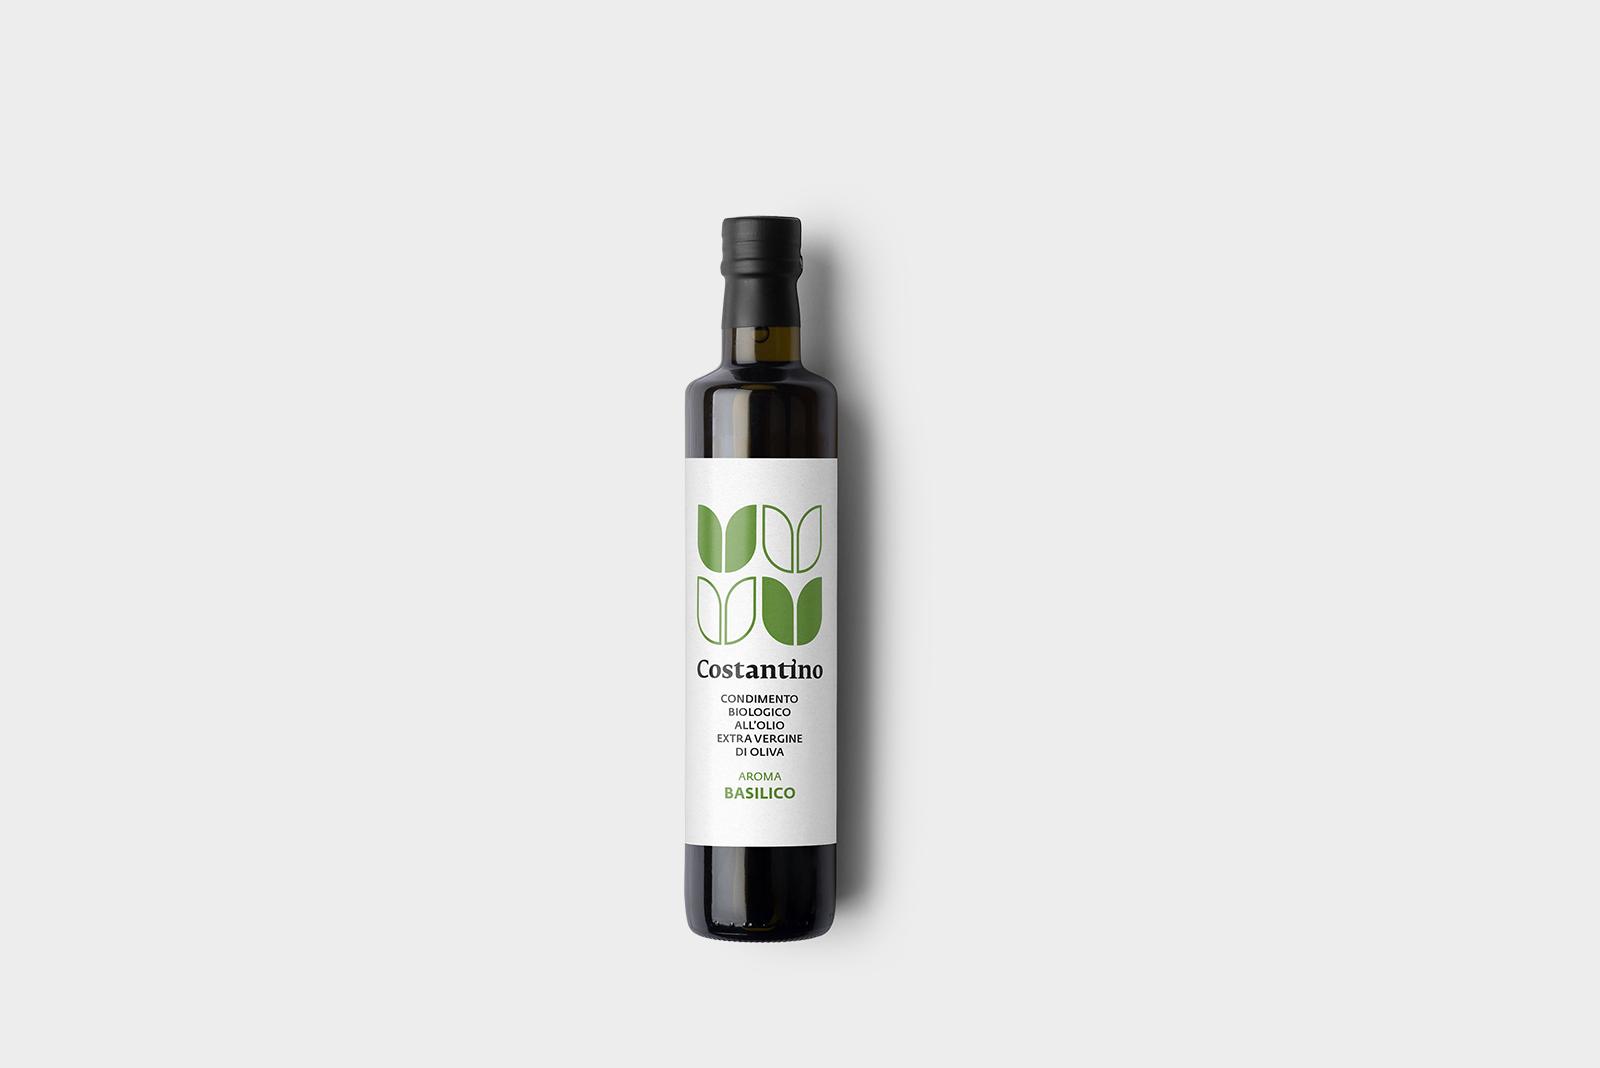 Costantino - Condimento Biologico a base di Olio Extra Vergine d'Oliva e Basilico - bottiglia 25cl